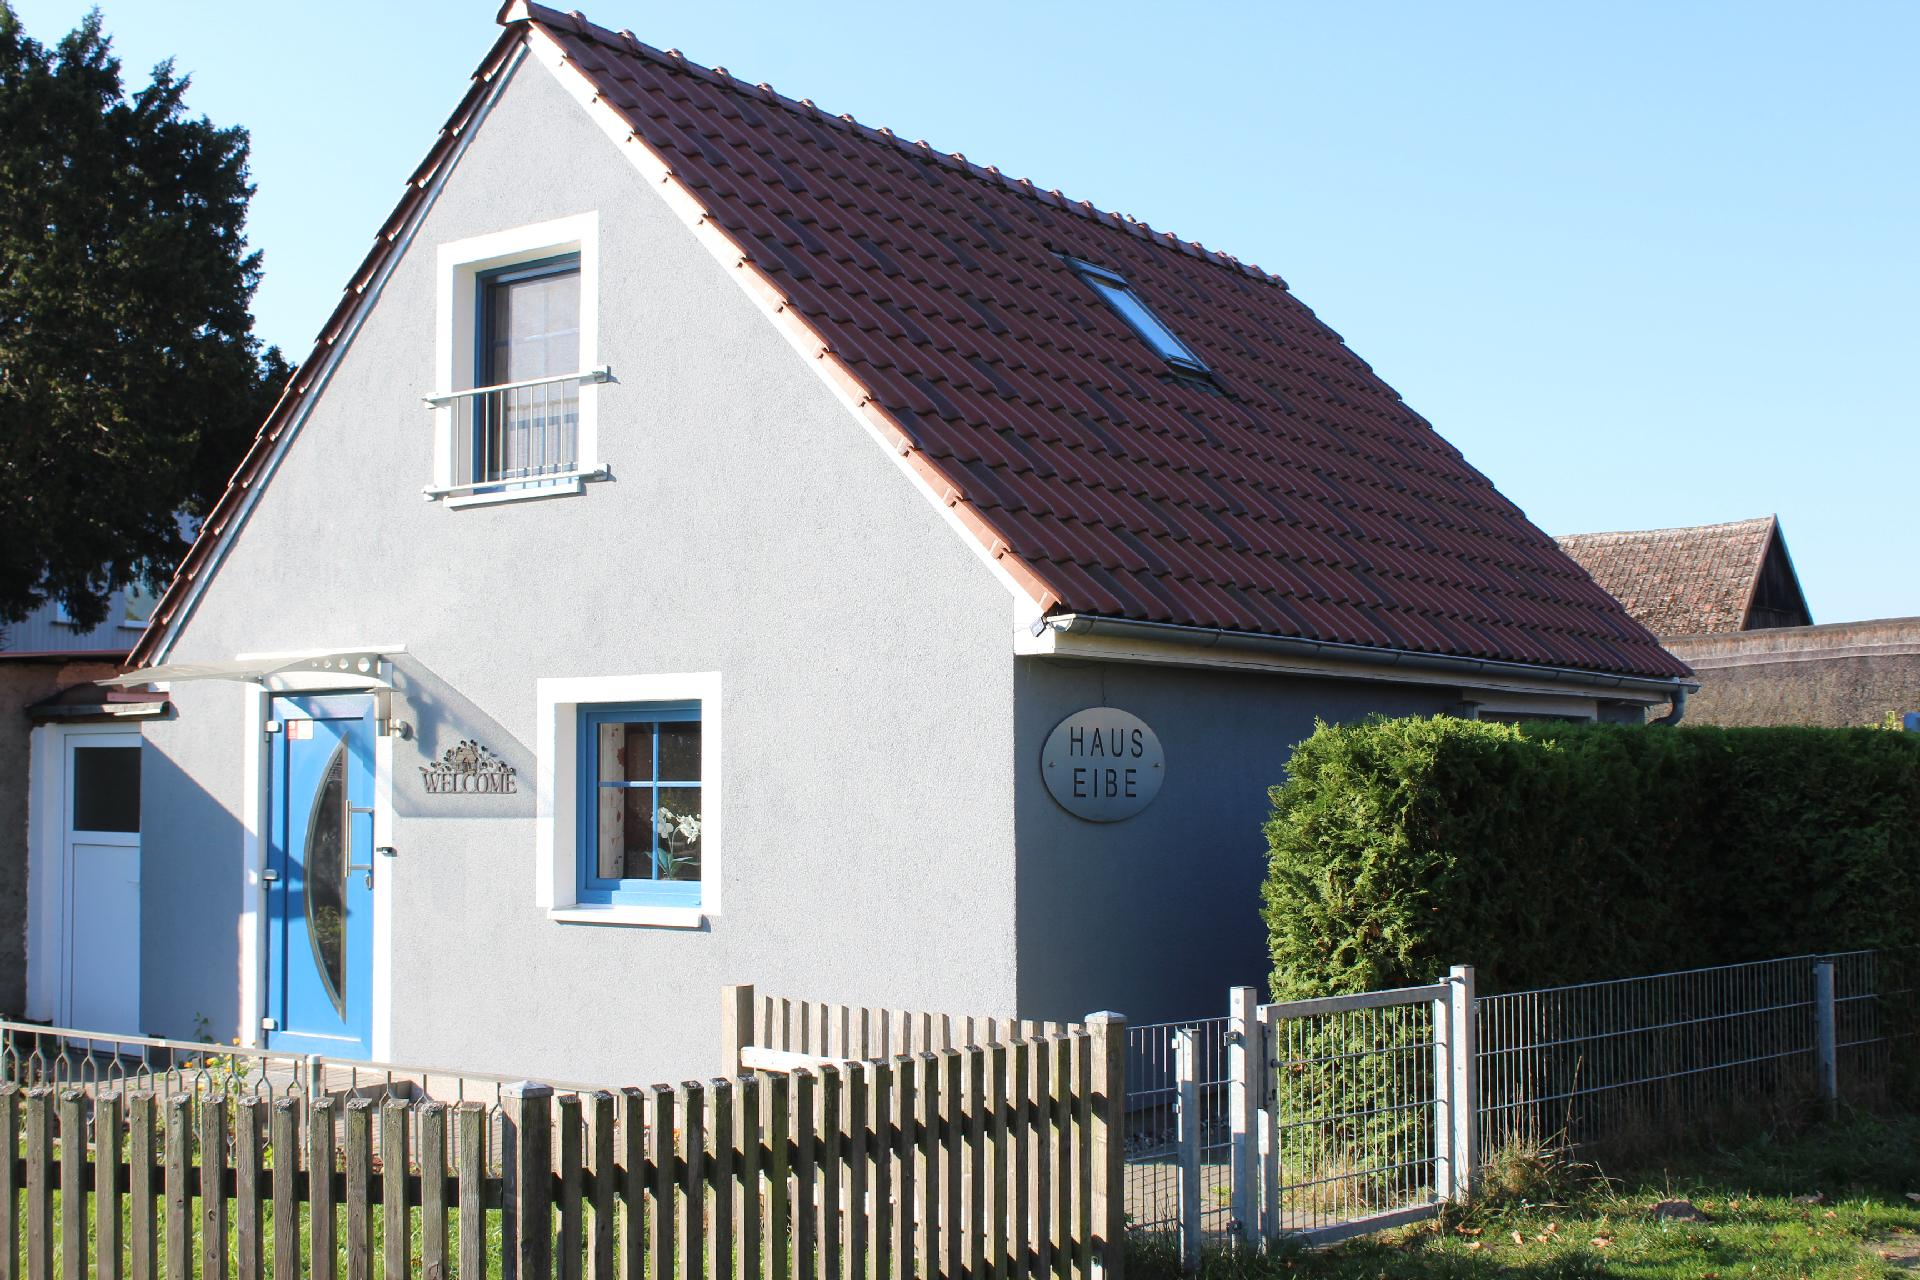 Ferienhaus für 4 Personen ca. 50 m² in W